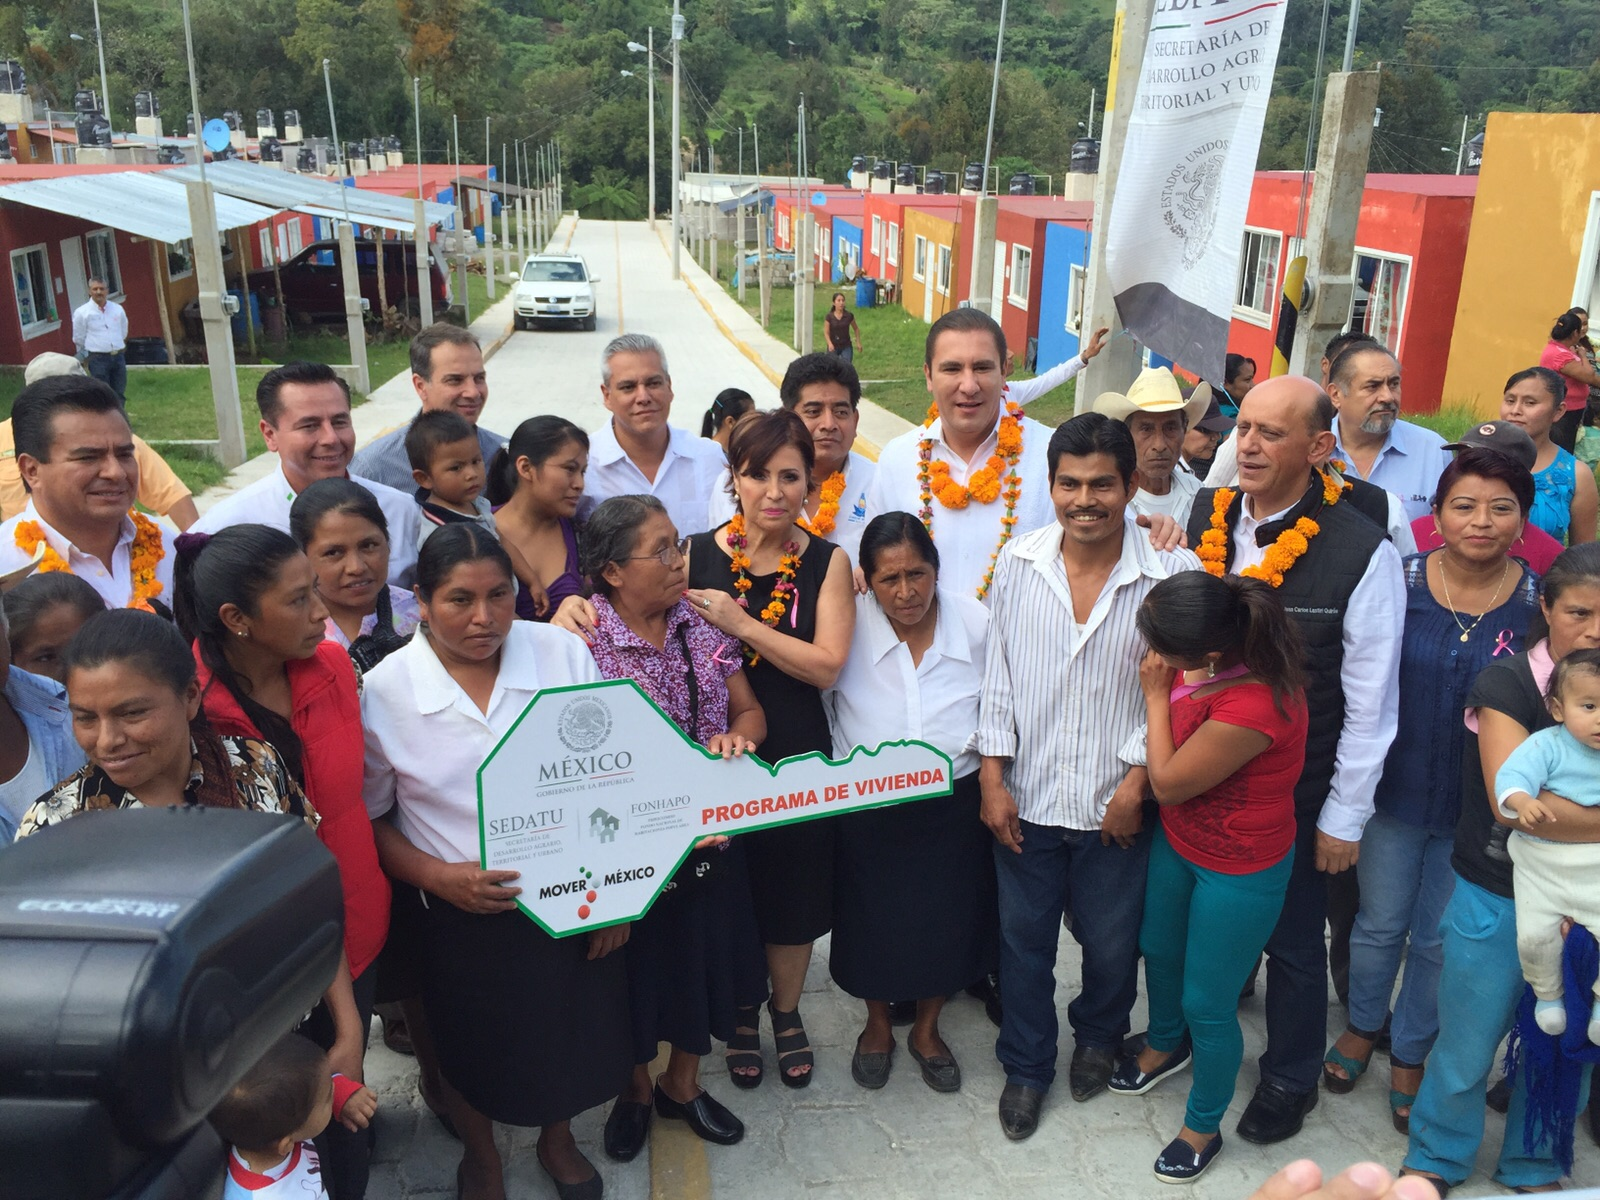 La titular de la SEDATU en gira de trabajo por Puebla verificó acciones de vivienda, entregar llaves de casas nuevas  e inaugurar el Centro de Salud en Tlaola, y supervisó acciones de vivienda en San Andrés Azumiatla.